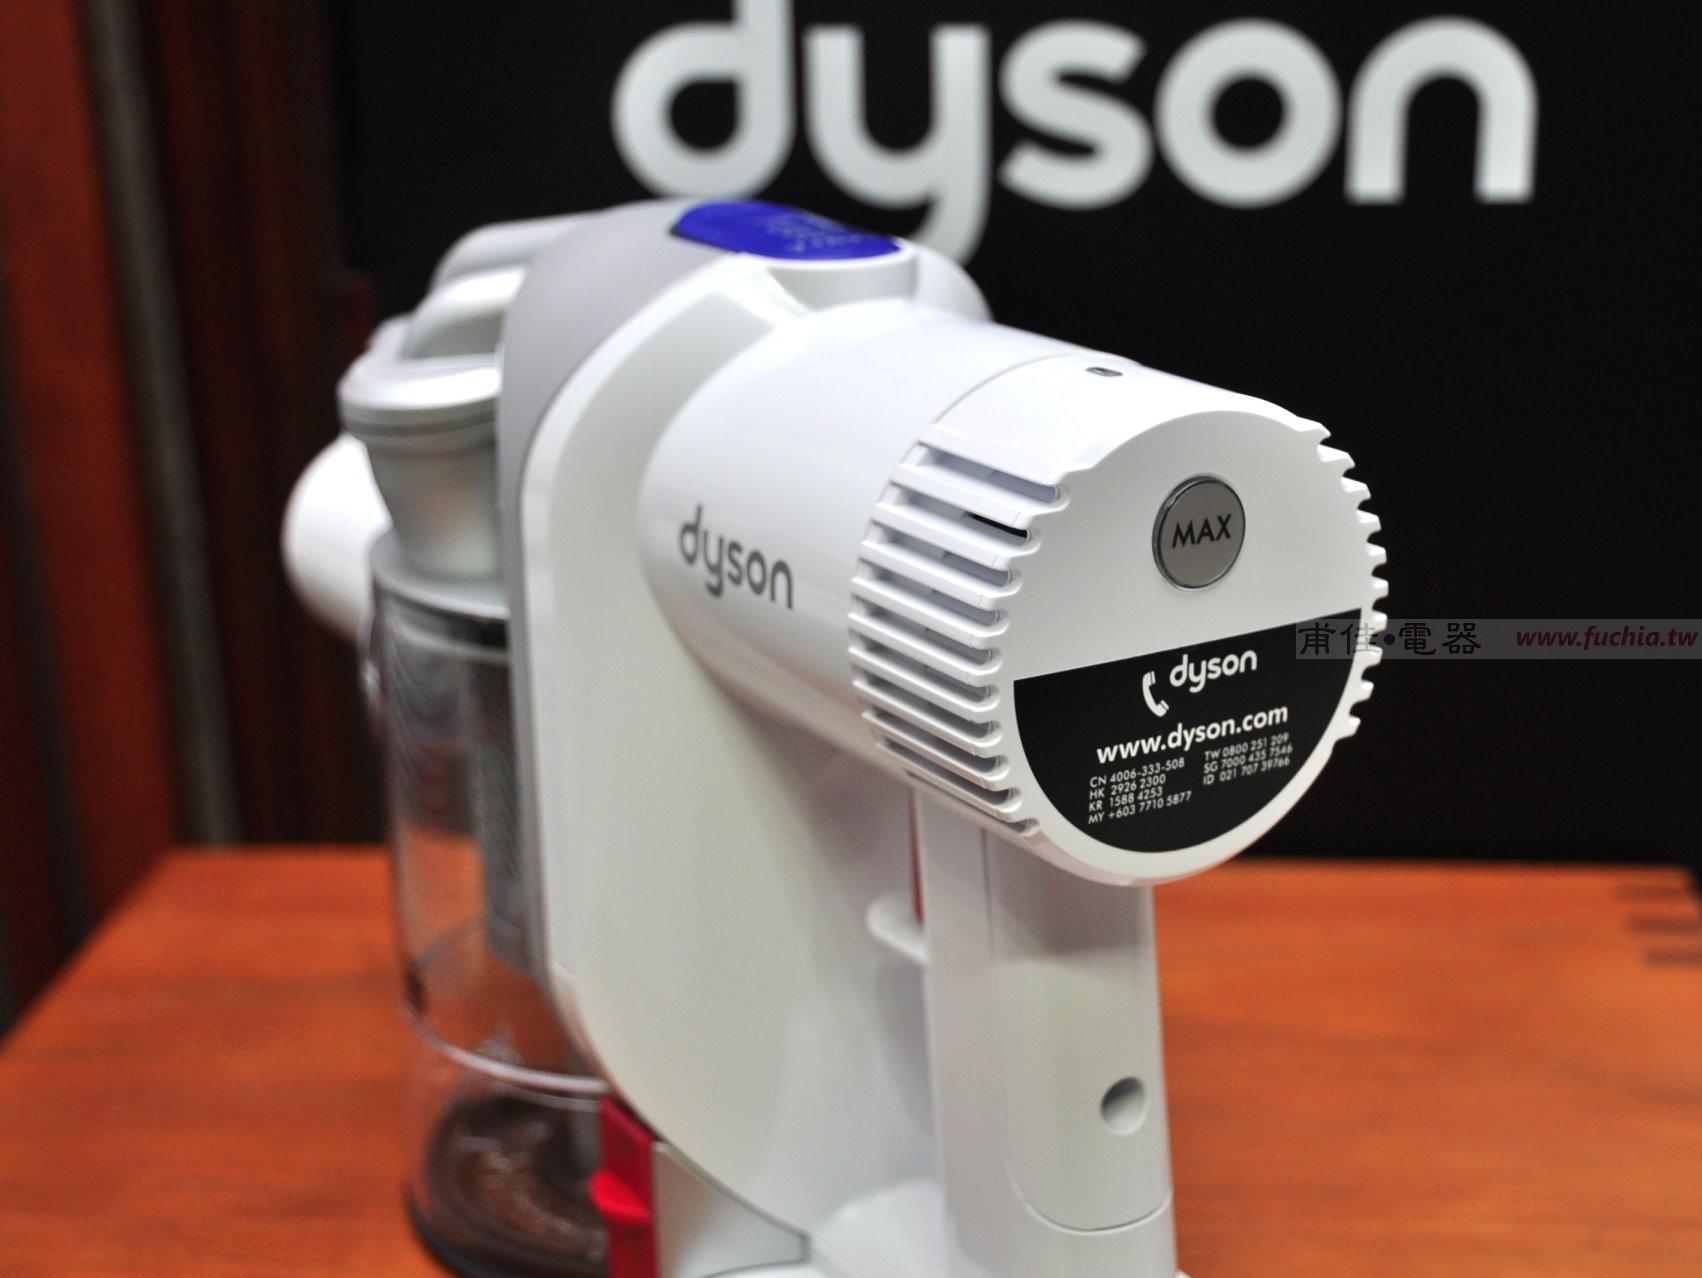 Dyson DC57